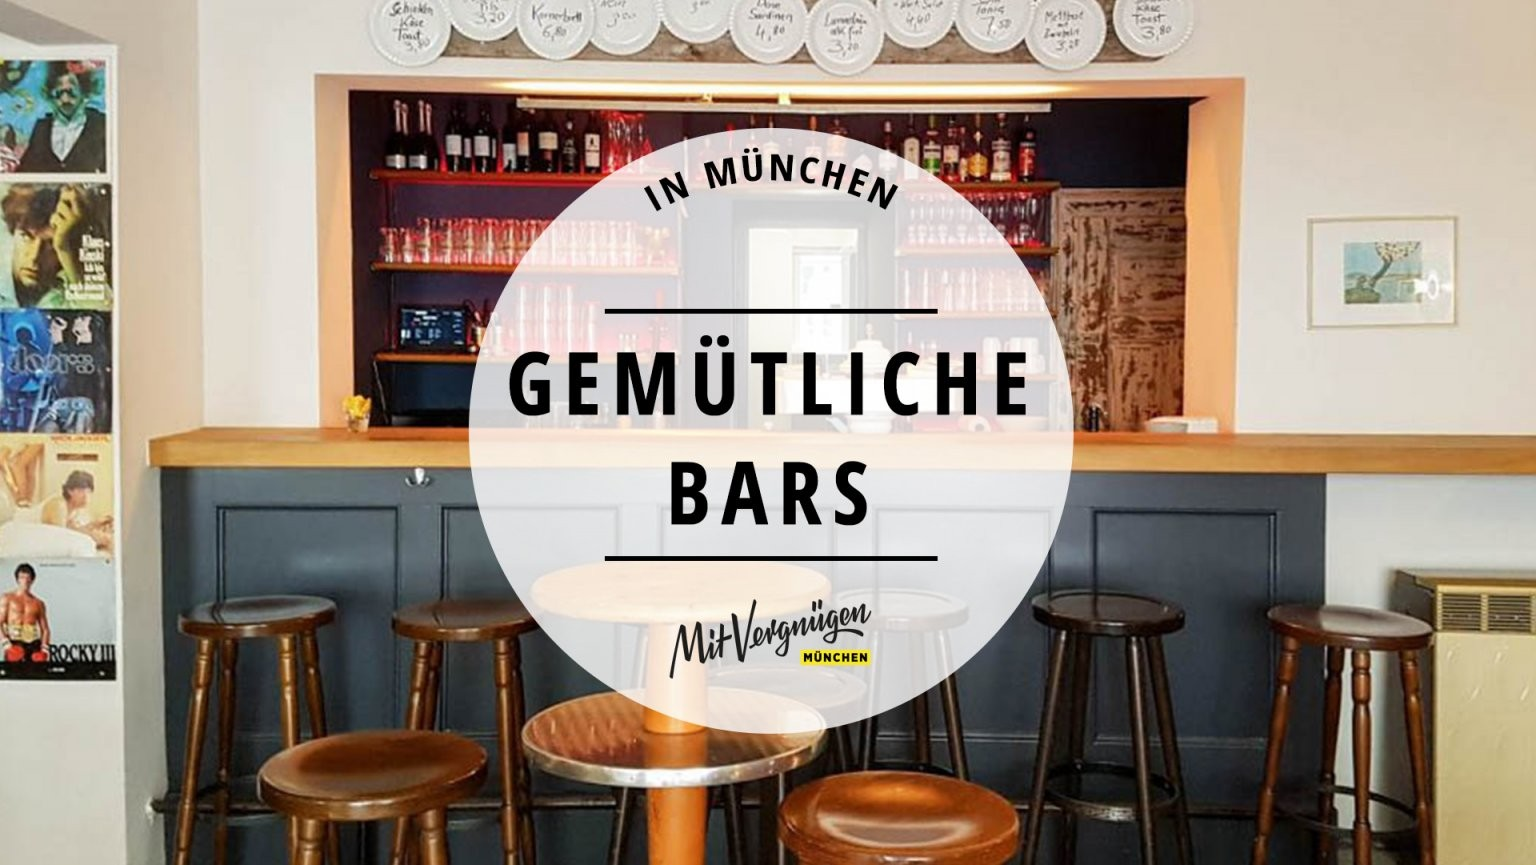 21 Gemütliche Bars In München Ohne Schickimicki  Mit Vergnügen München von Kleine Bar Fürs Wohnzimmer Bild